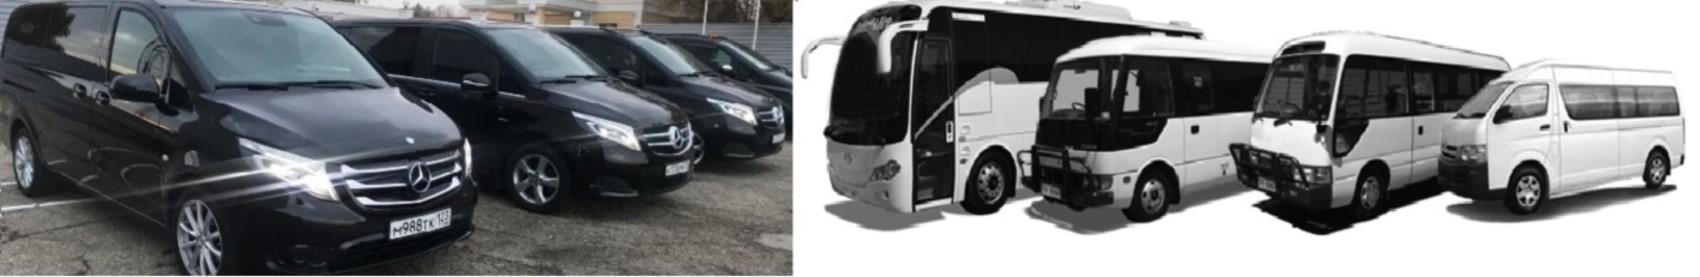 такси минивэн, такси минивэн Краснодар